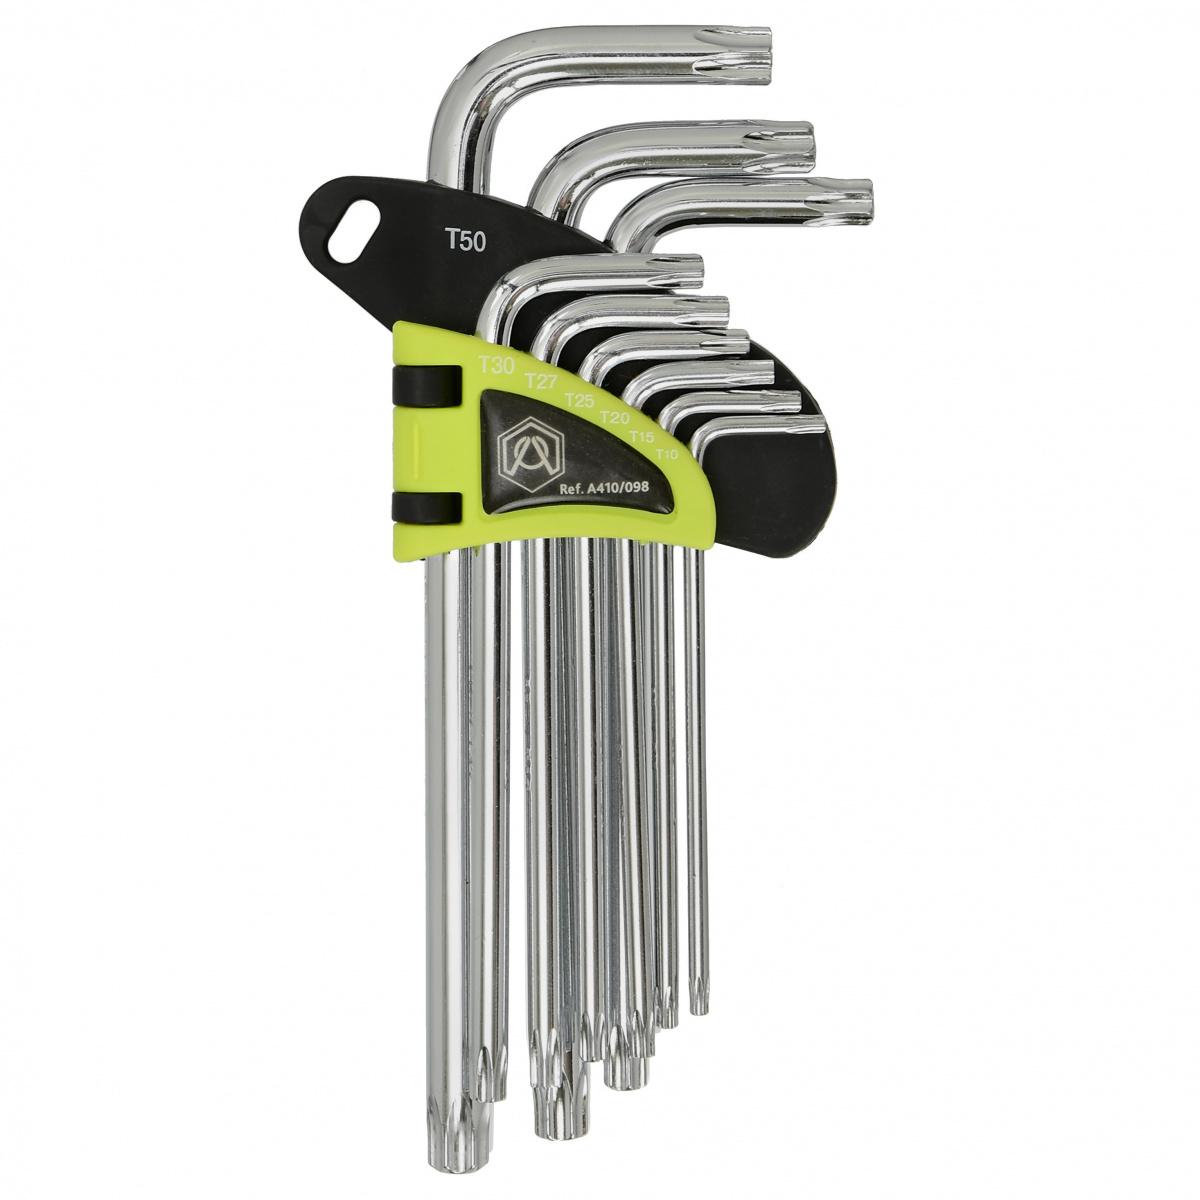 Набор ключей Torx A410/098, длинные